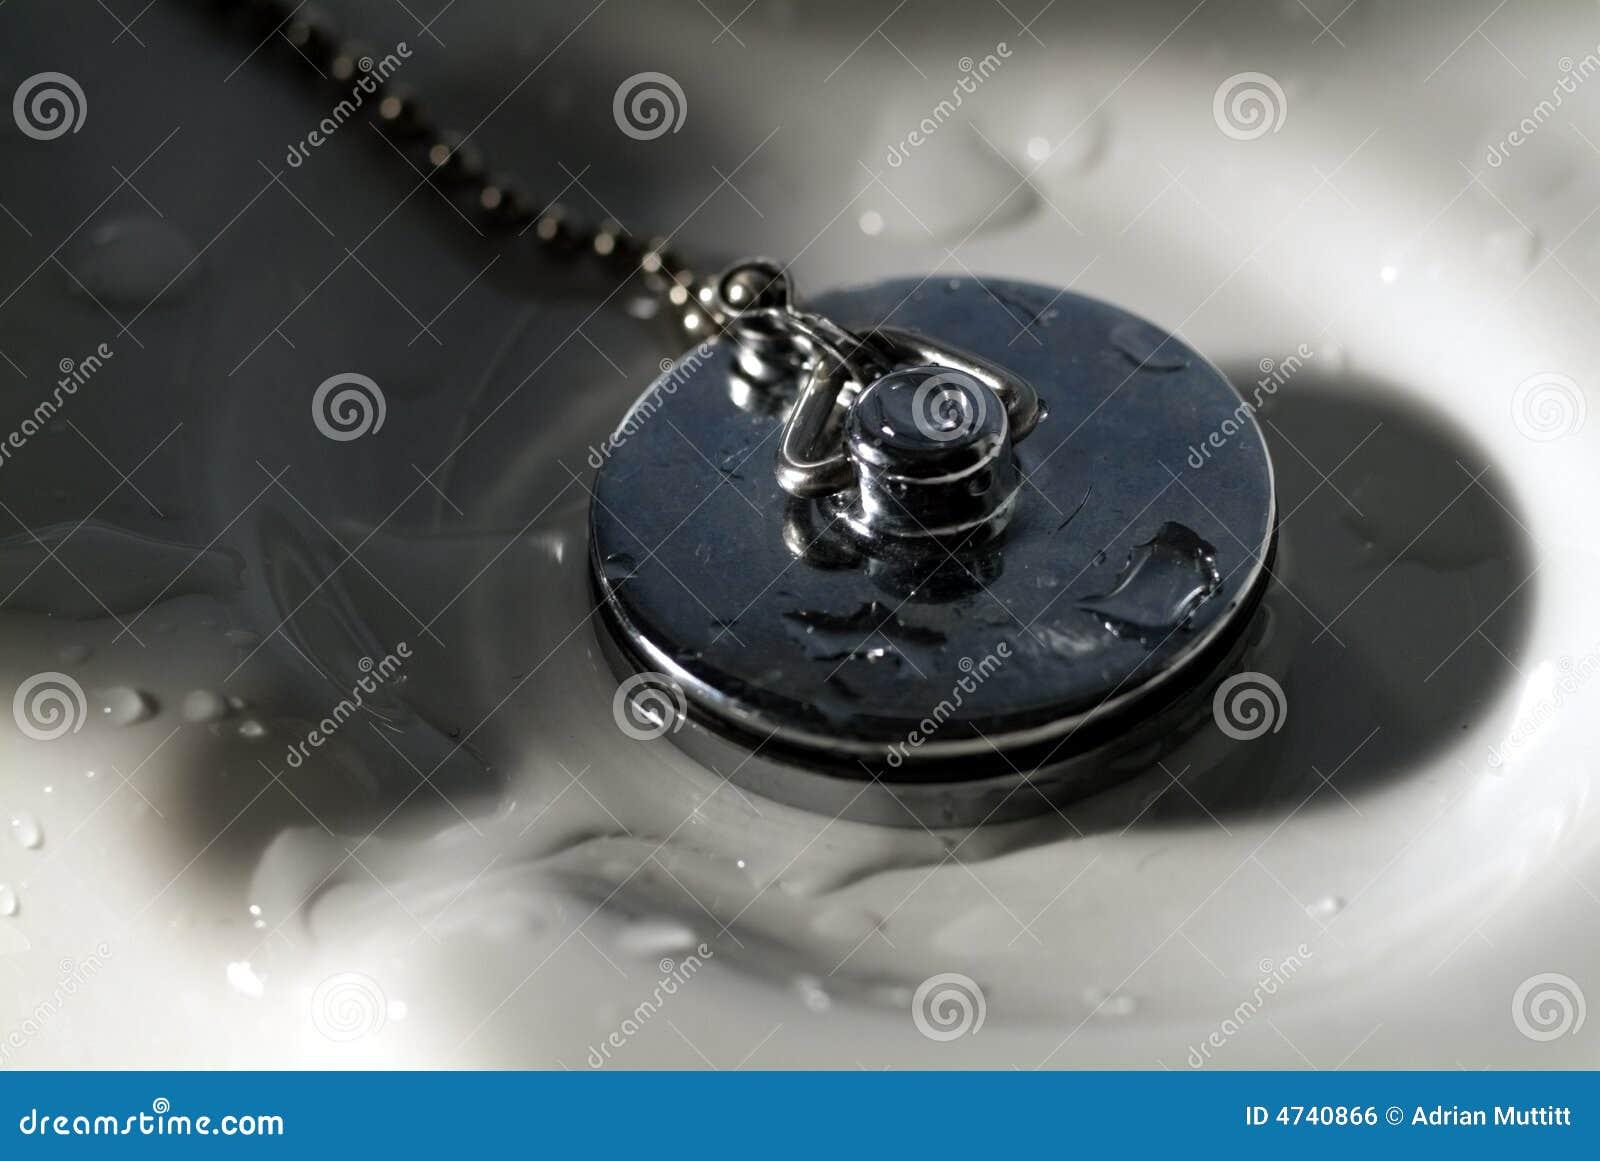 De Stop Van De Gootsteen Royaltyvrije Stock Afbeelding  Afbeelding 4740866 # Wasbak Stop_053938